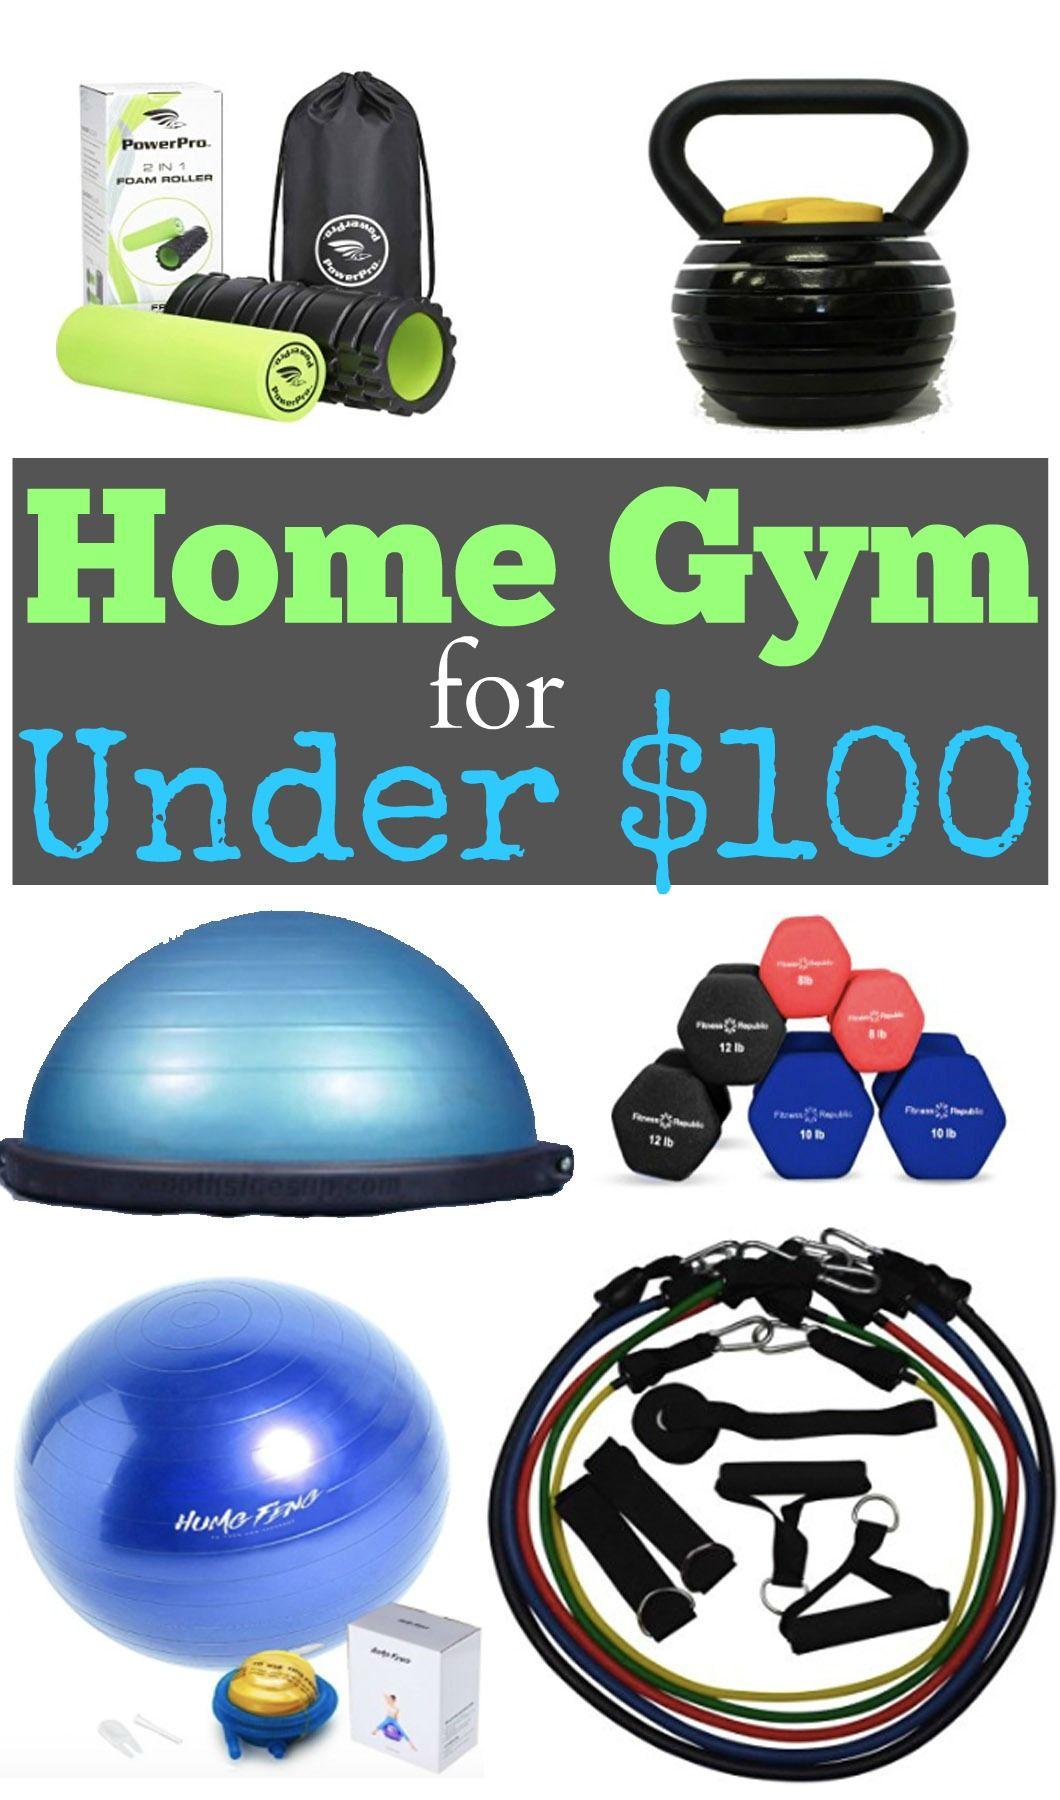 Home Gym for Under $100 | Bodychange und Leben